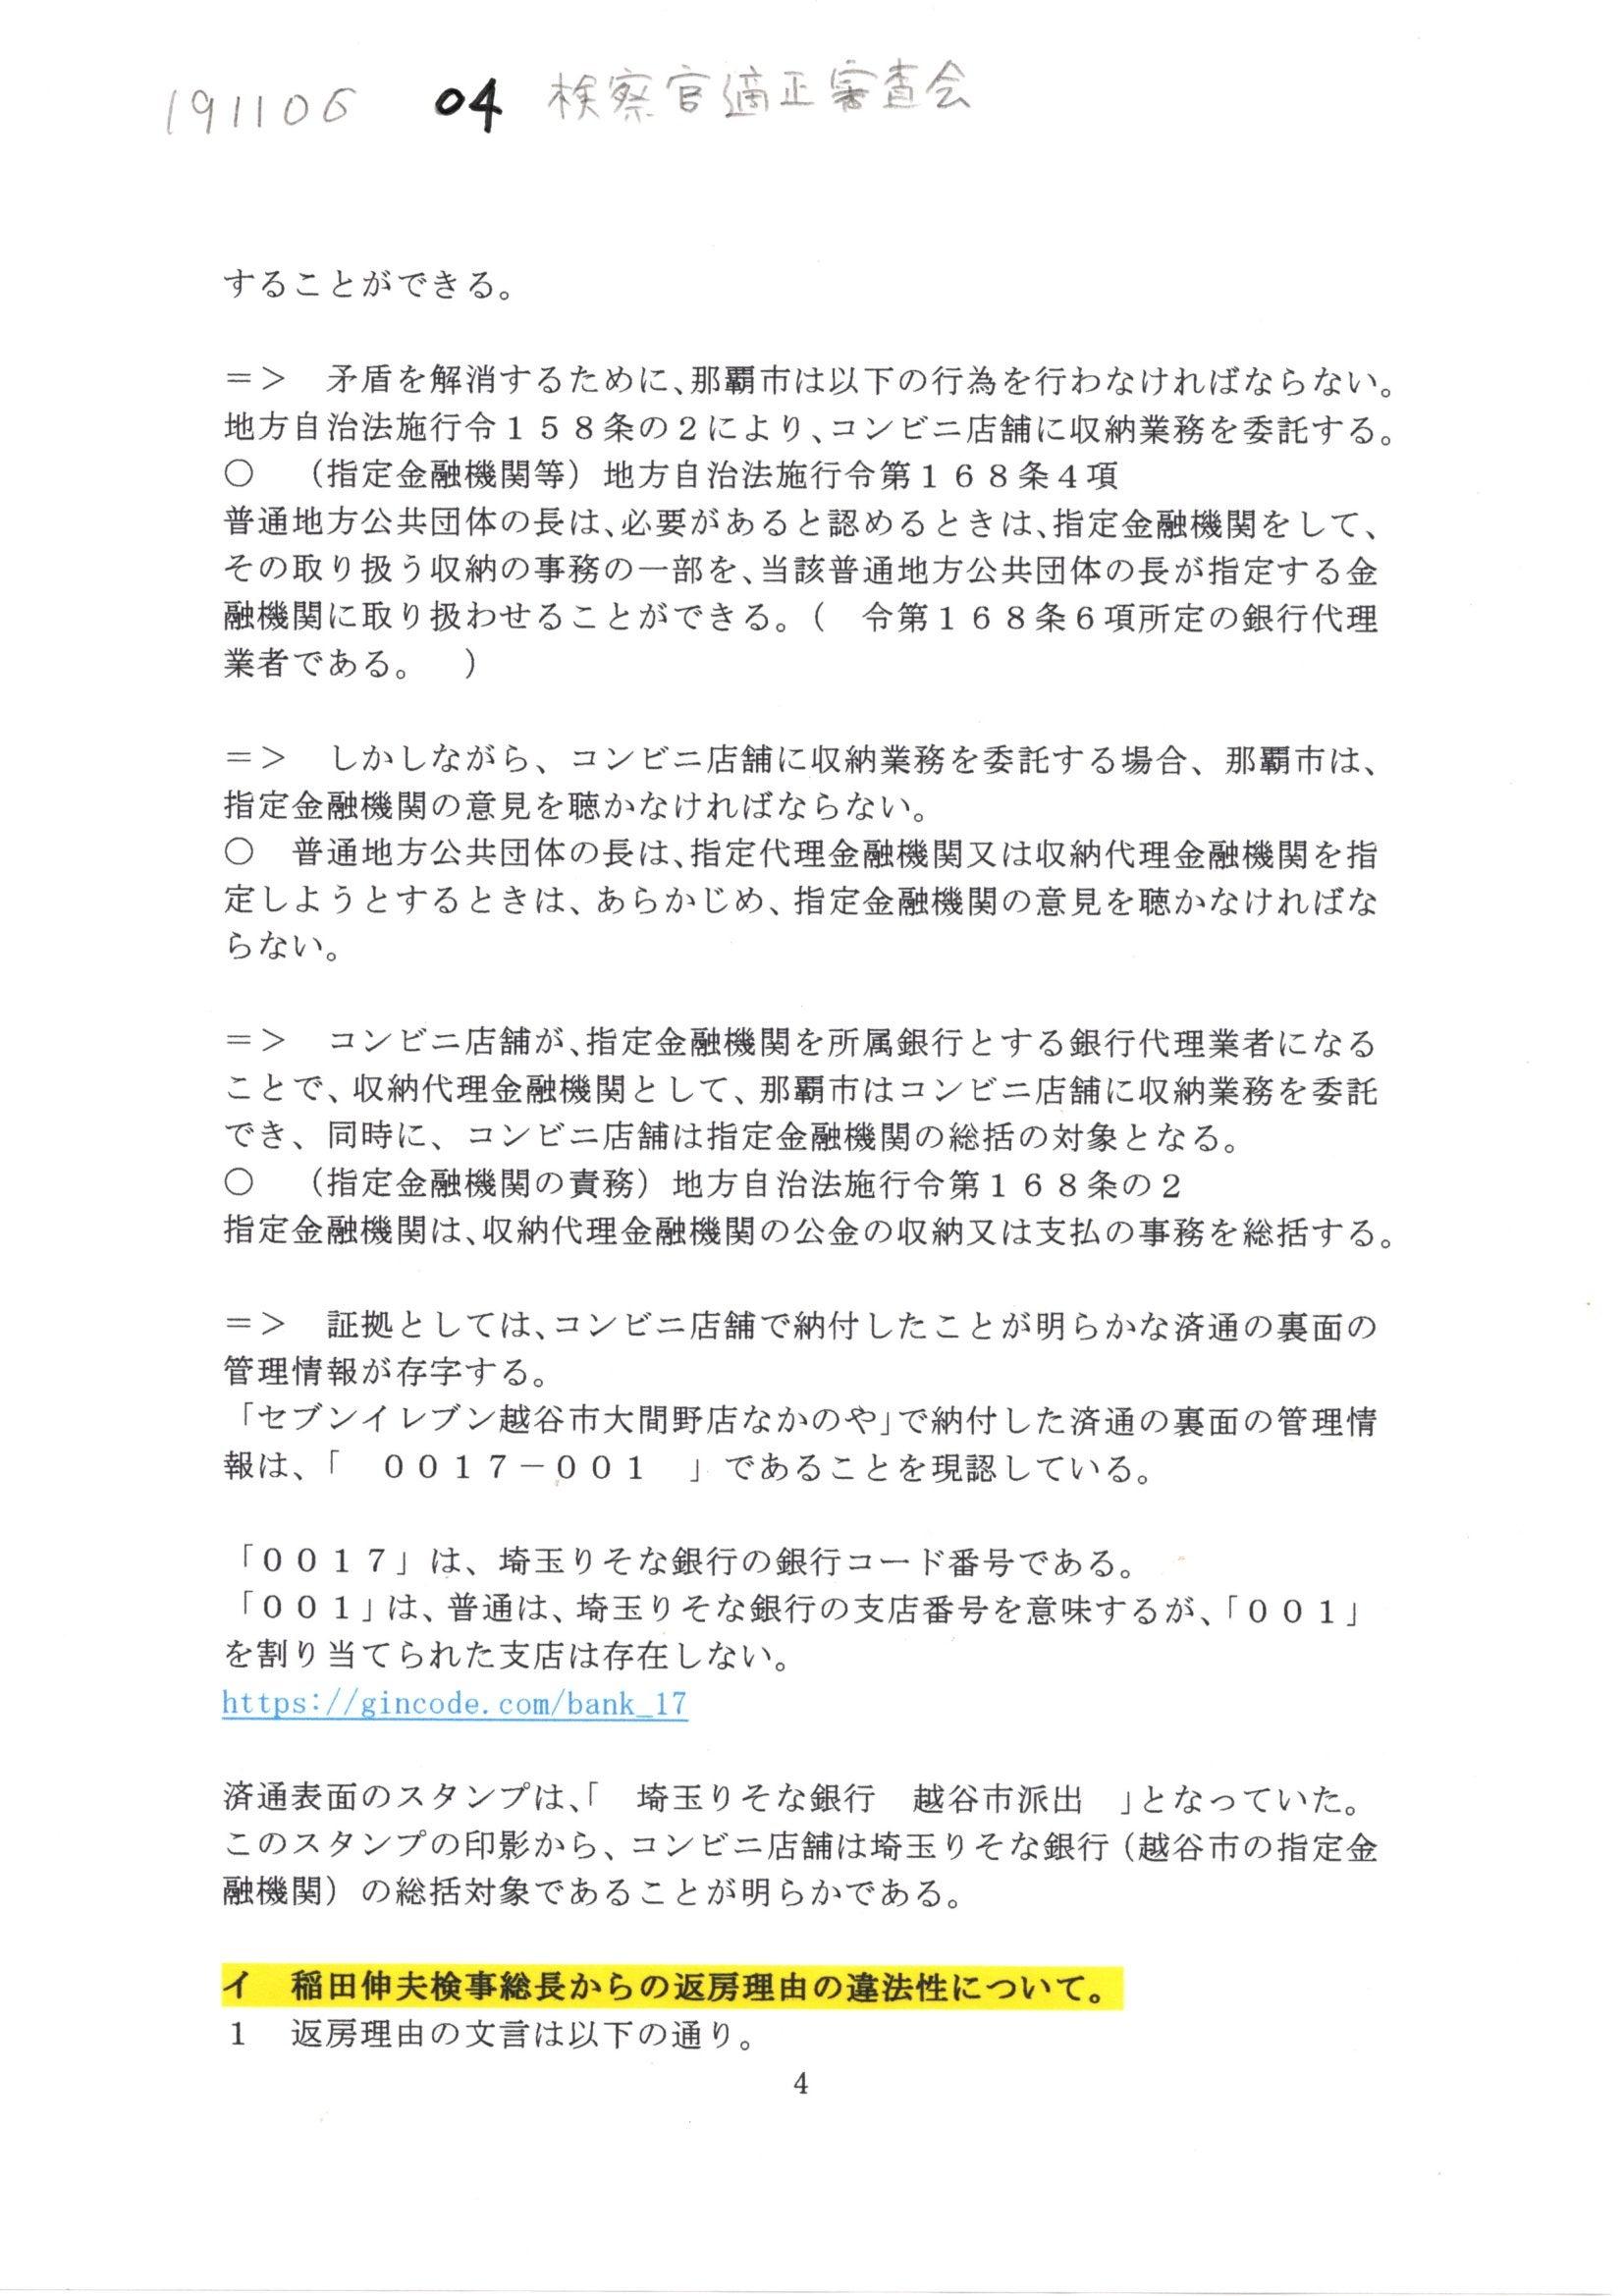 検察 官 適格 審査 会 検察審査会 - 流れ - Weblio辞書